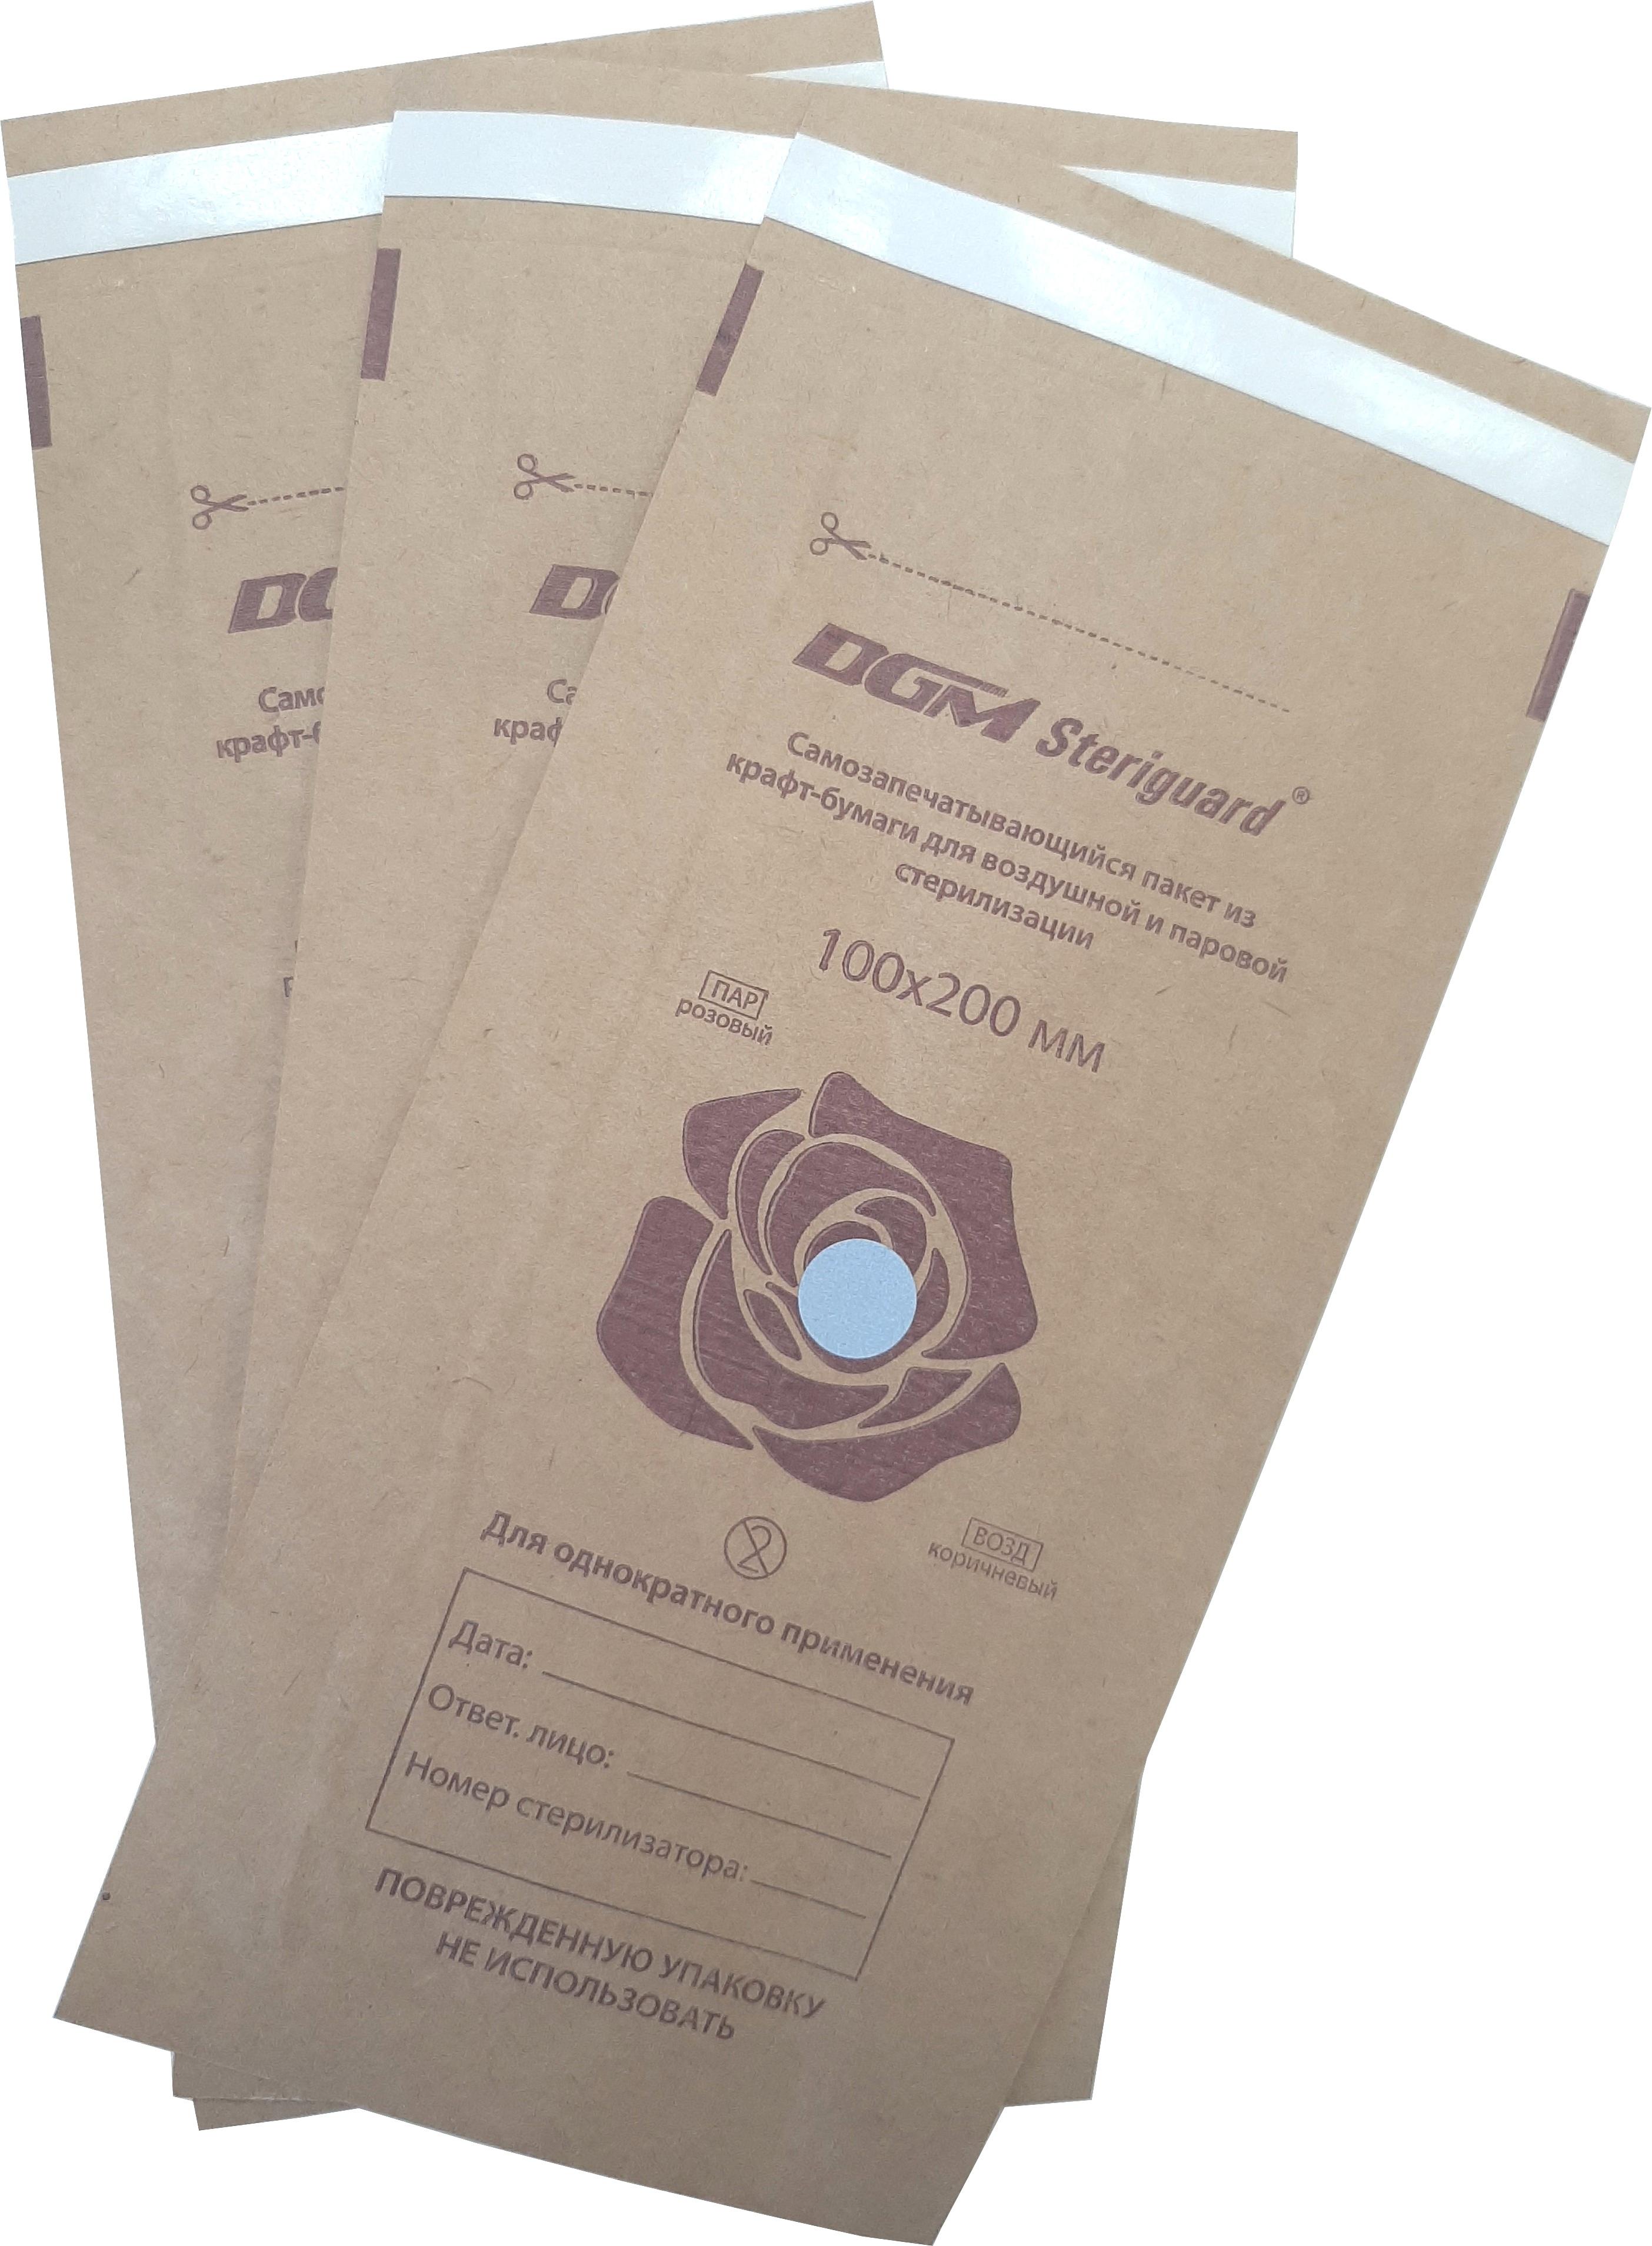 Купить DGM Пакет из крафт-бумаги самозапечатывающийся плоский для медицинской стерилизации / DGM Steriguard 100*200 мм 100 шт